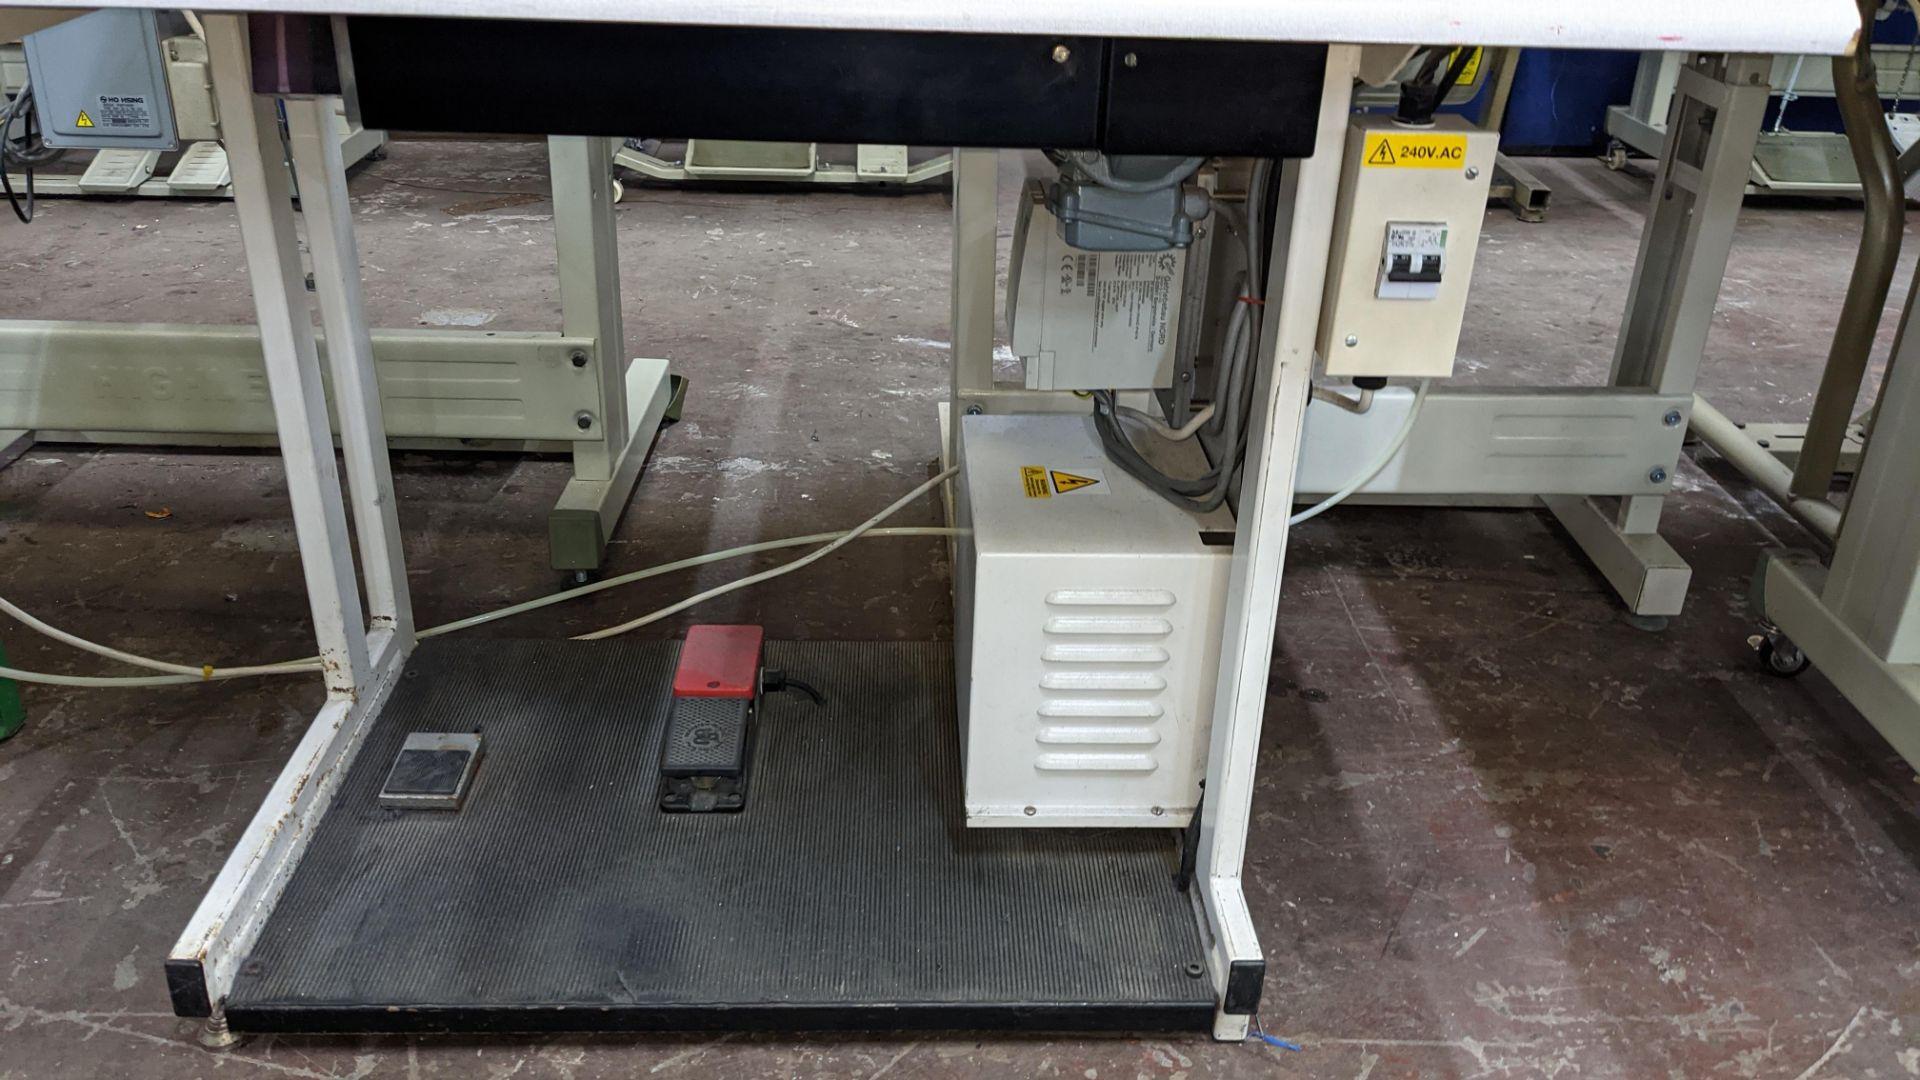 Ardmel seam sealing machine - Image 14 of 18